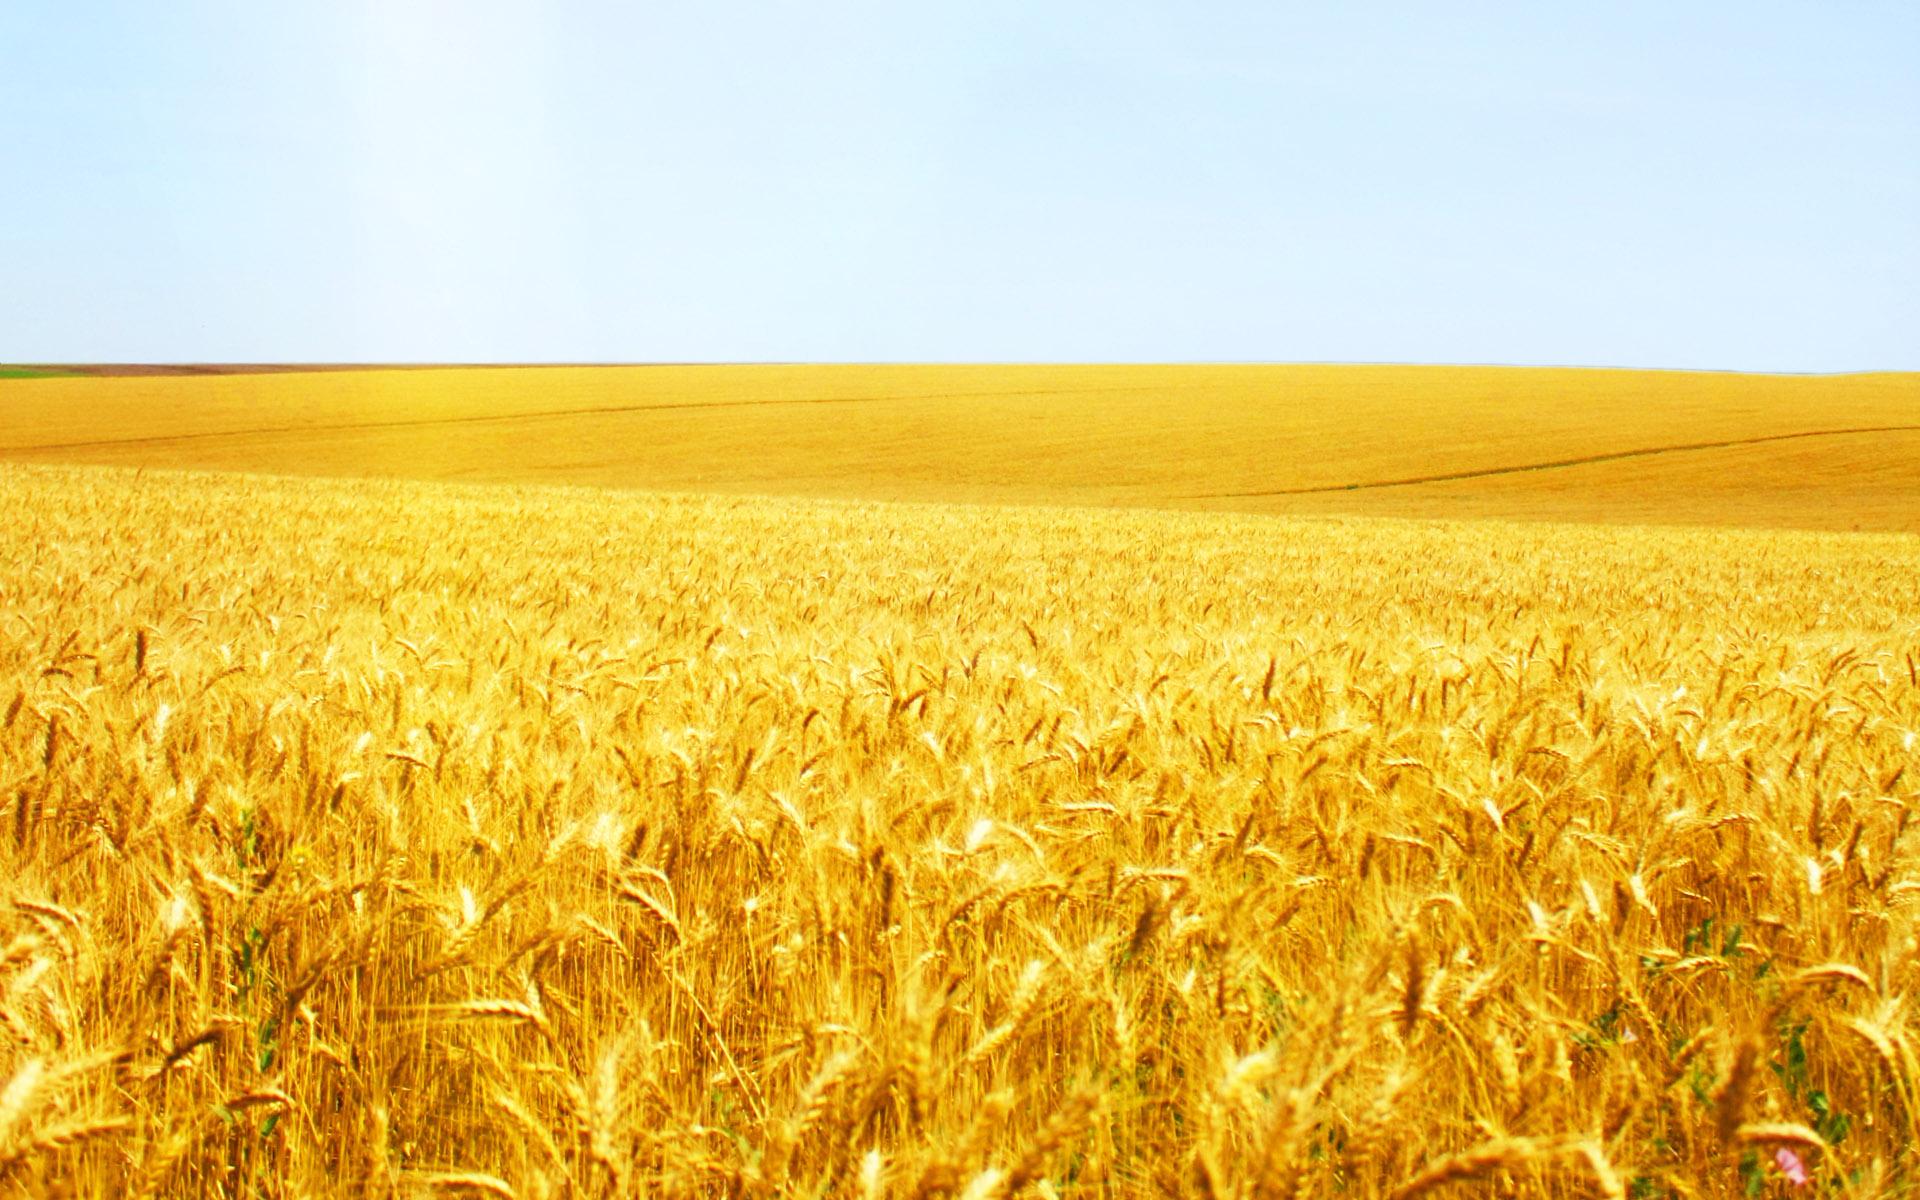 wheat field landscape desktop picture